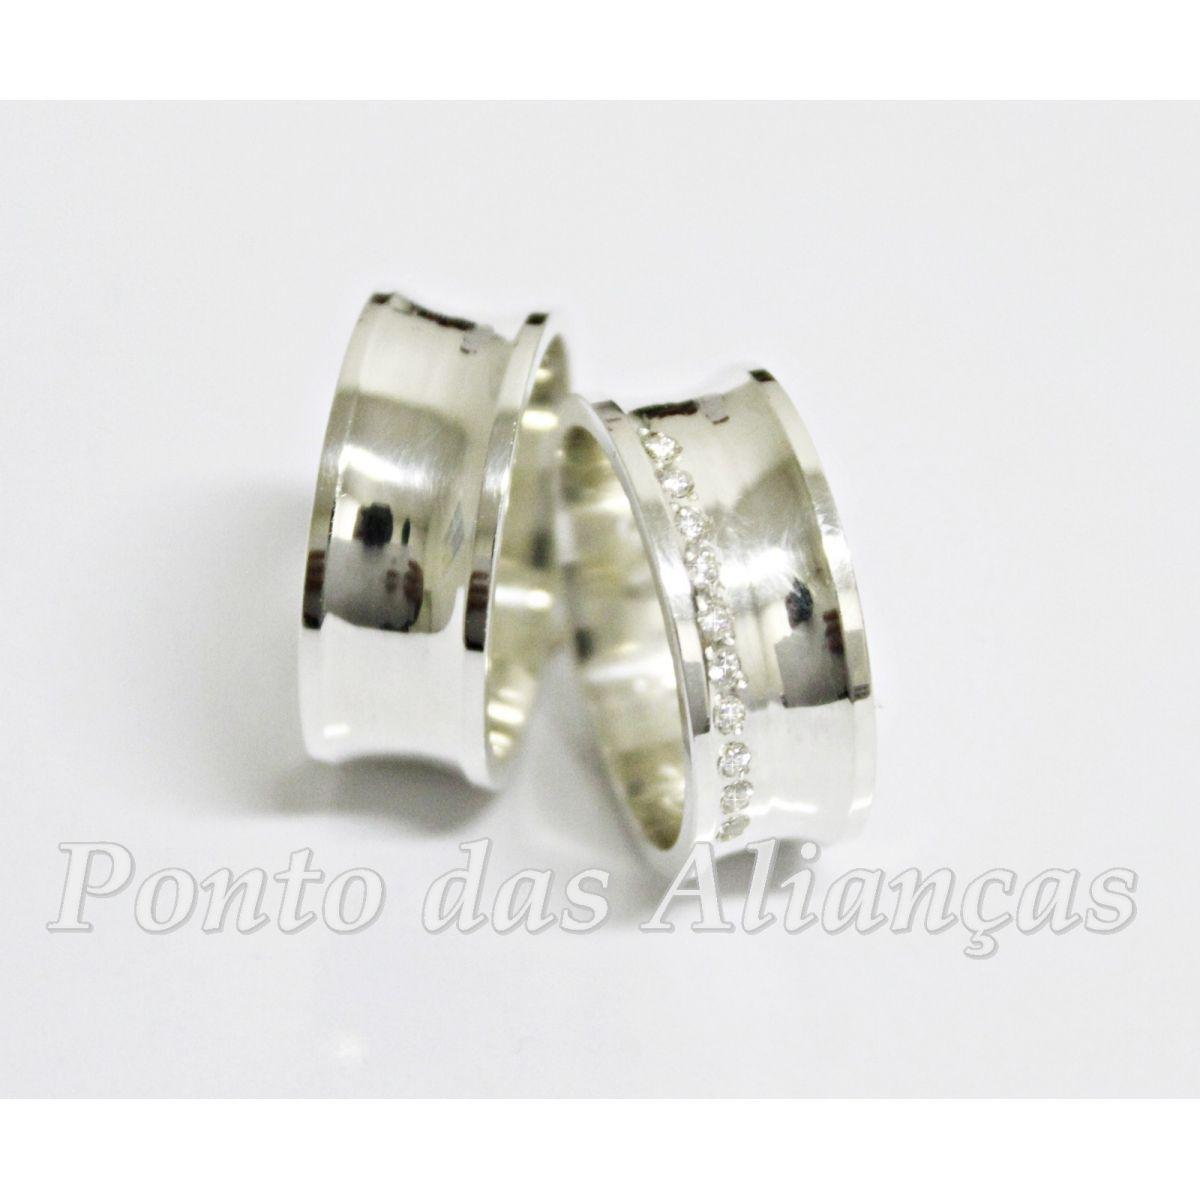 Alianças de Prata Compromisso - 3009